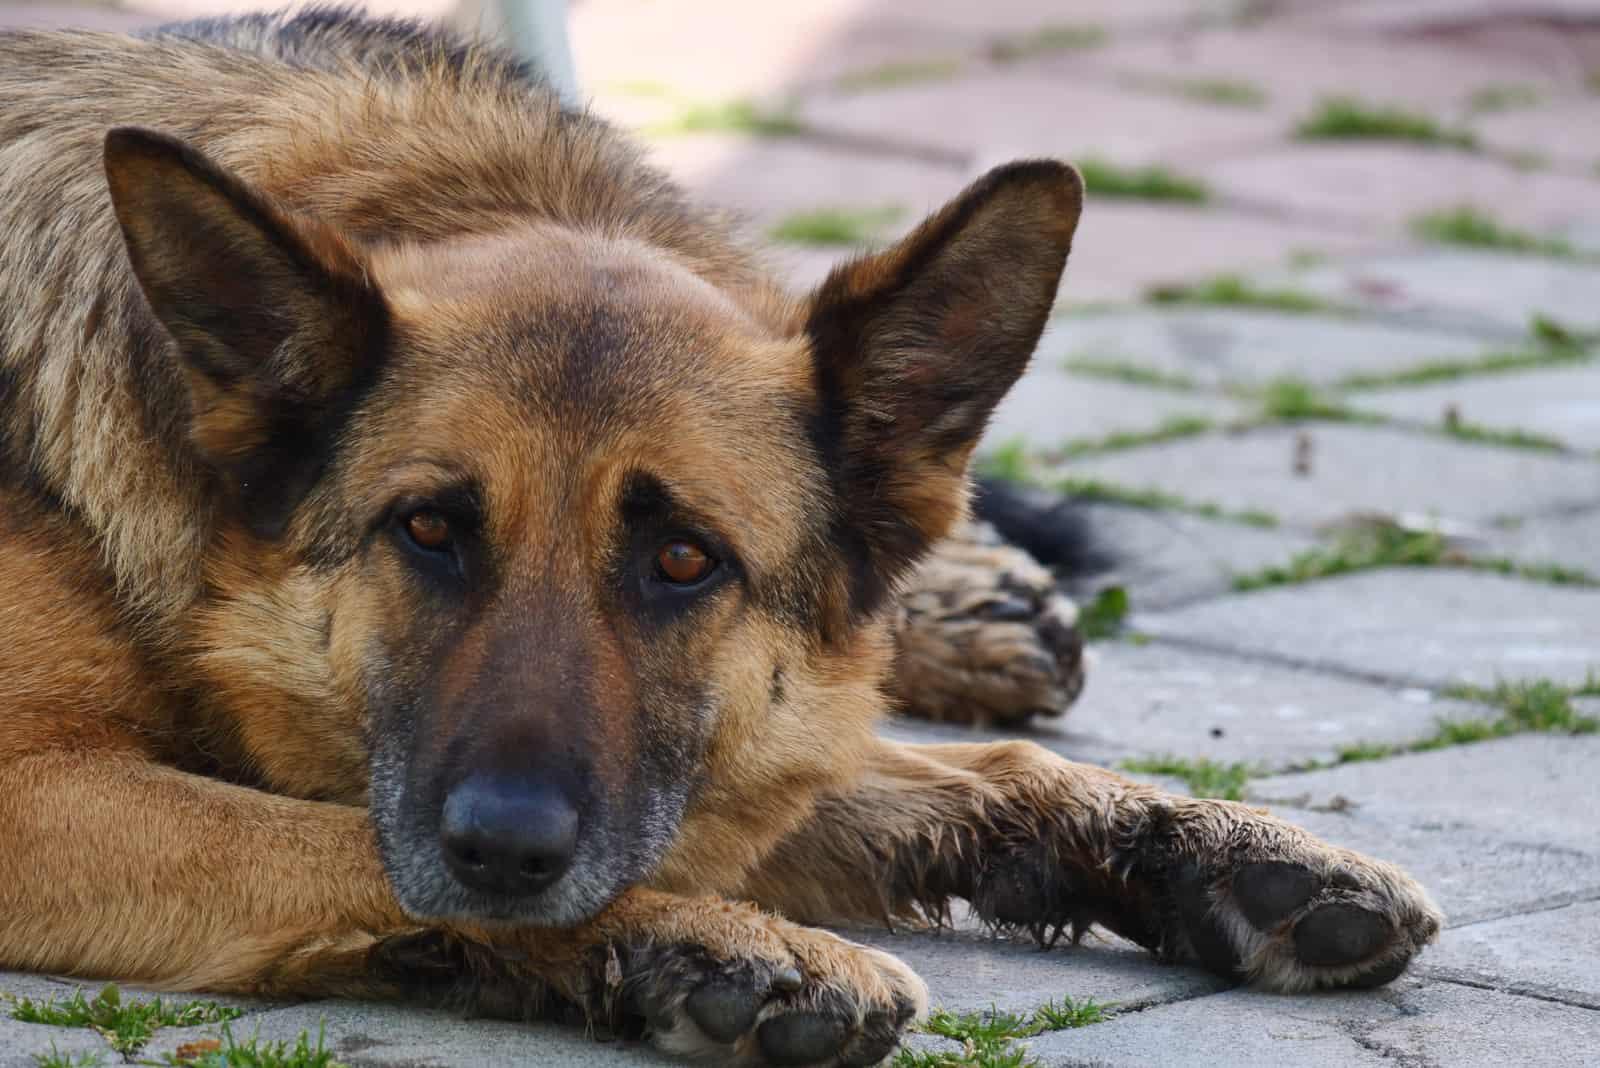 Deutscher Schäferhund hautnah auf dem Boden liegend